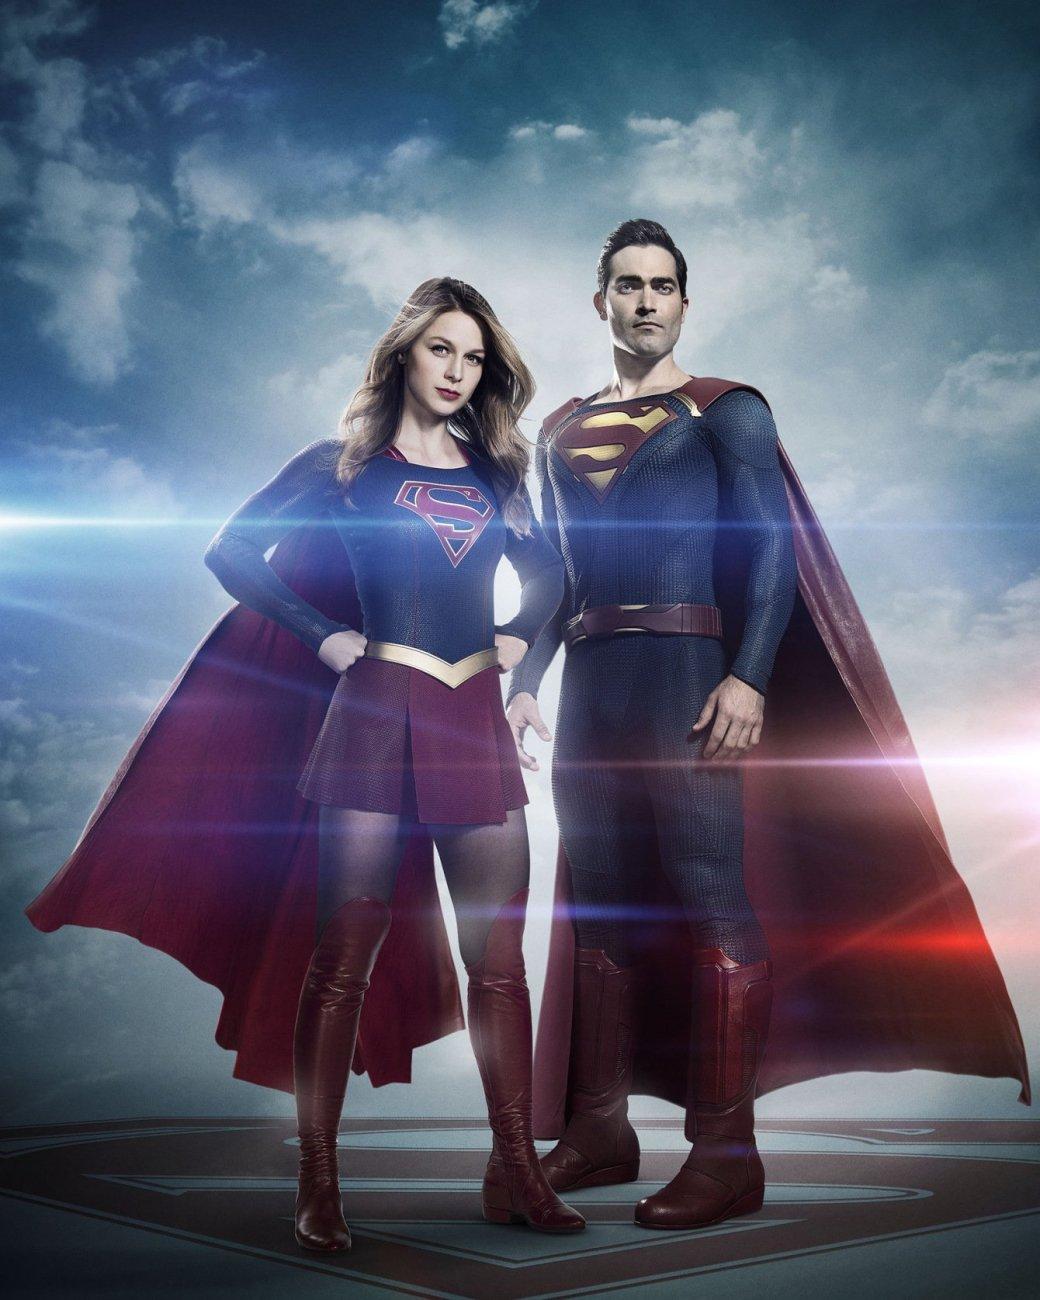 Первое фото: Супермен из «Супергерл» оказался не хуже Кавилла - Изображение 1